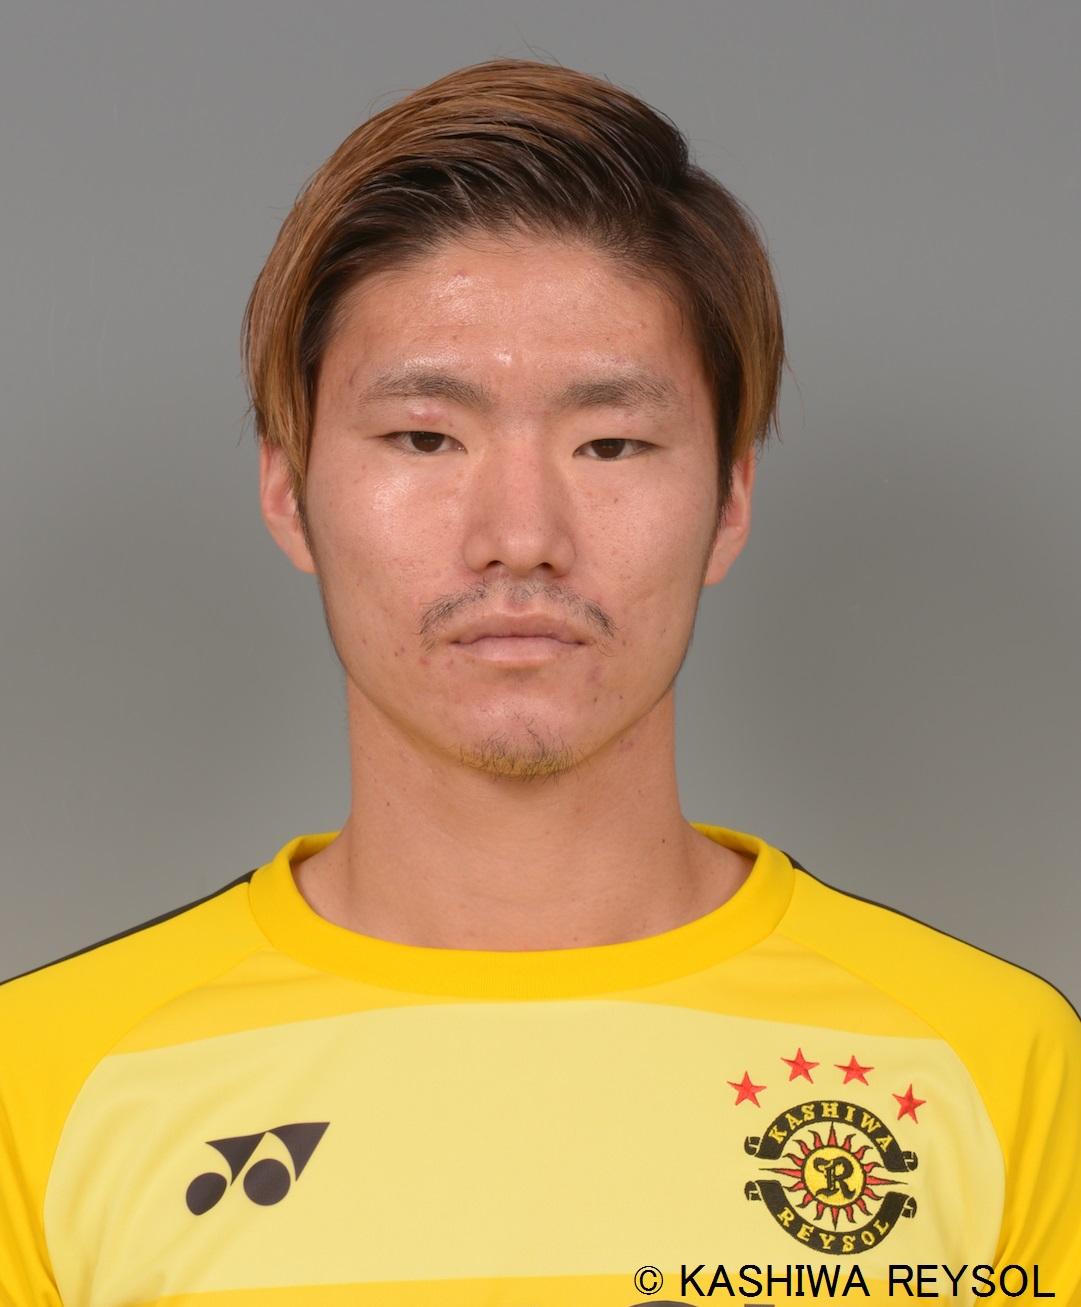 亀川 諒史選手 完全移籍加入のお知らせ サムネイル